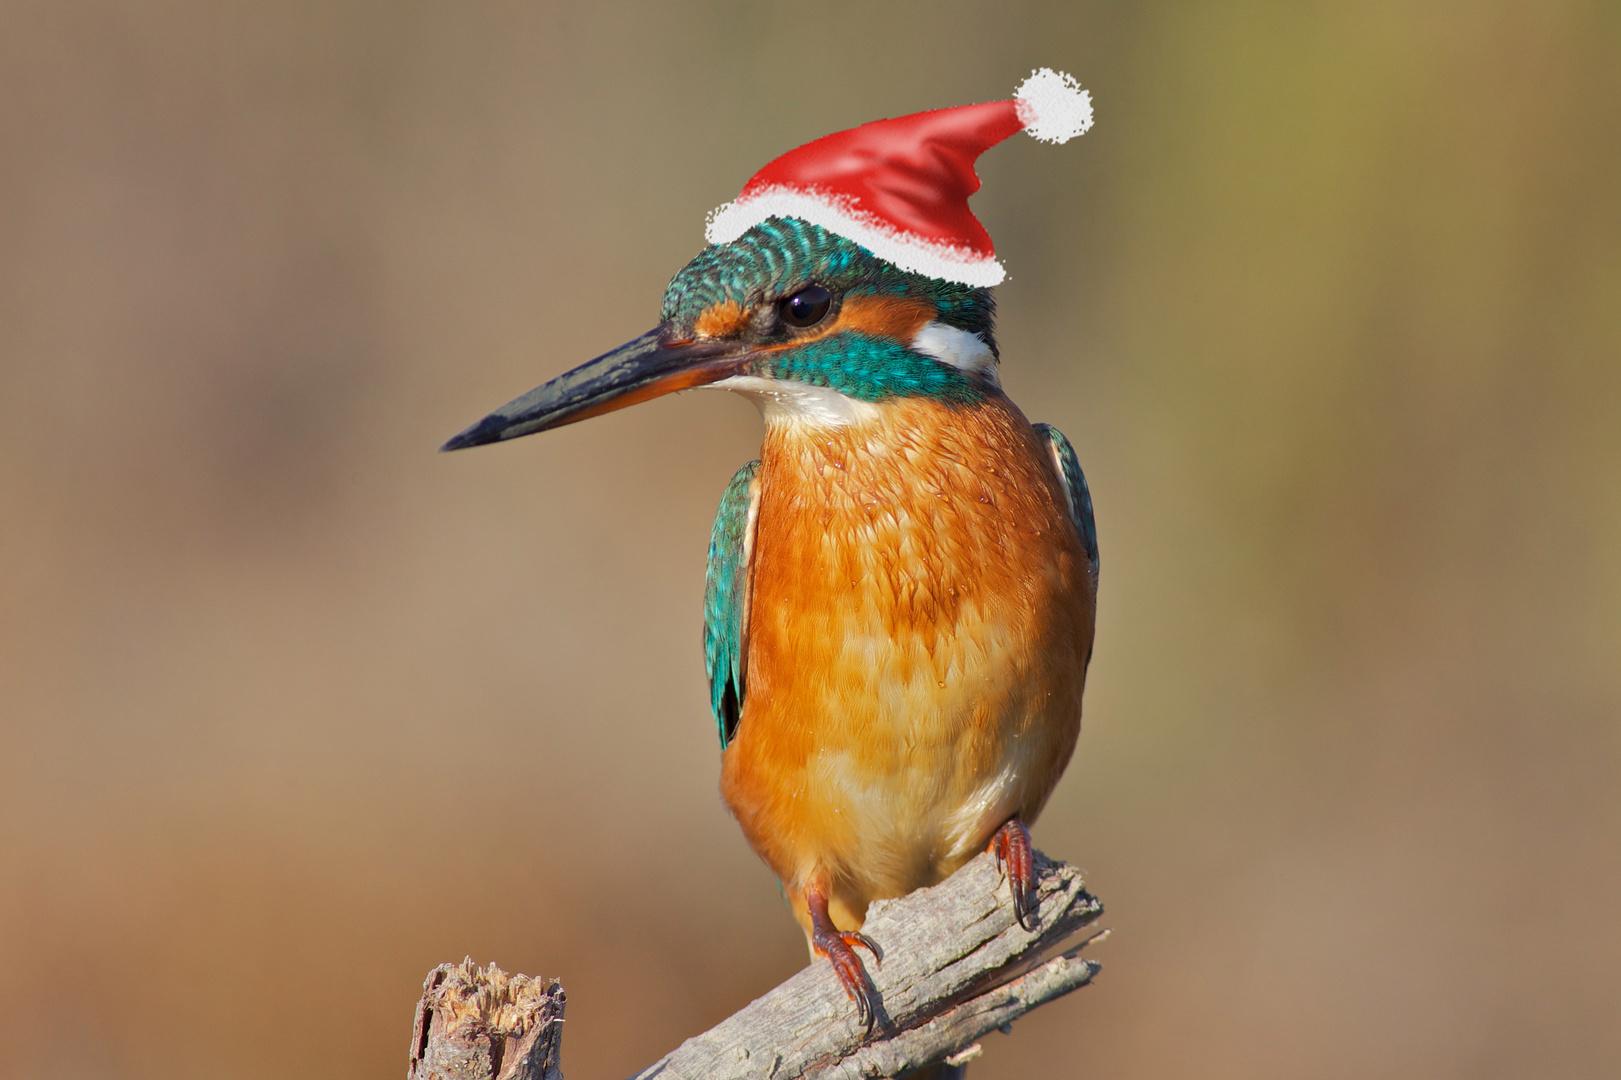 Buon Natale a tutti gli amici di Fotocommunity